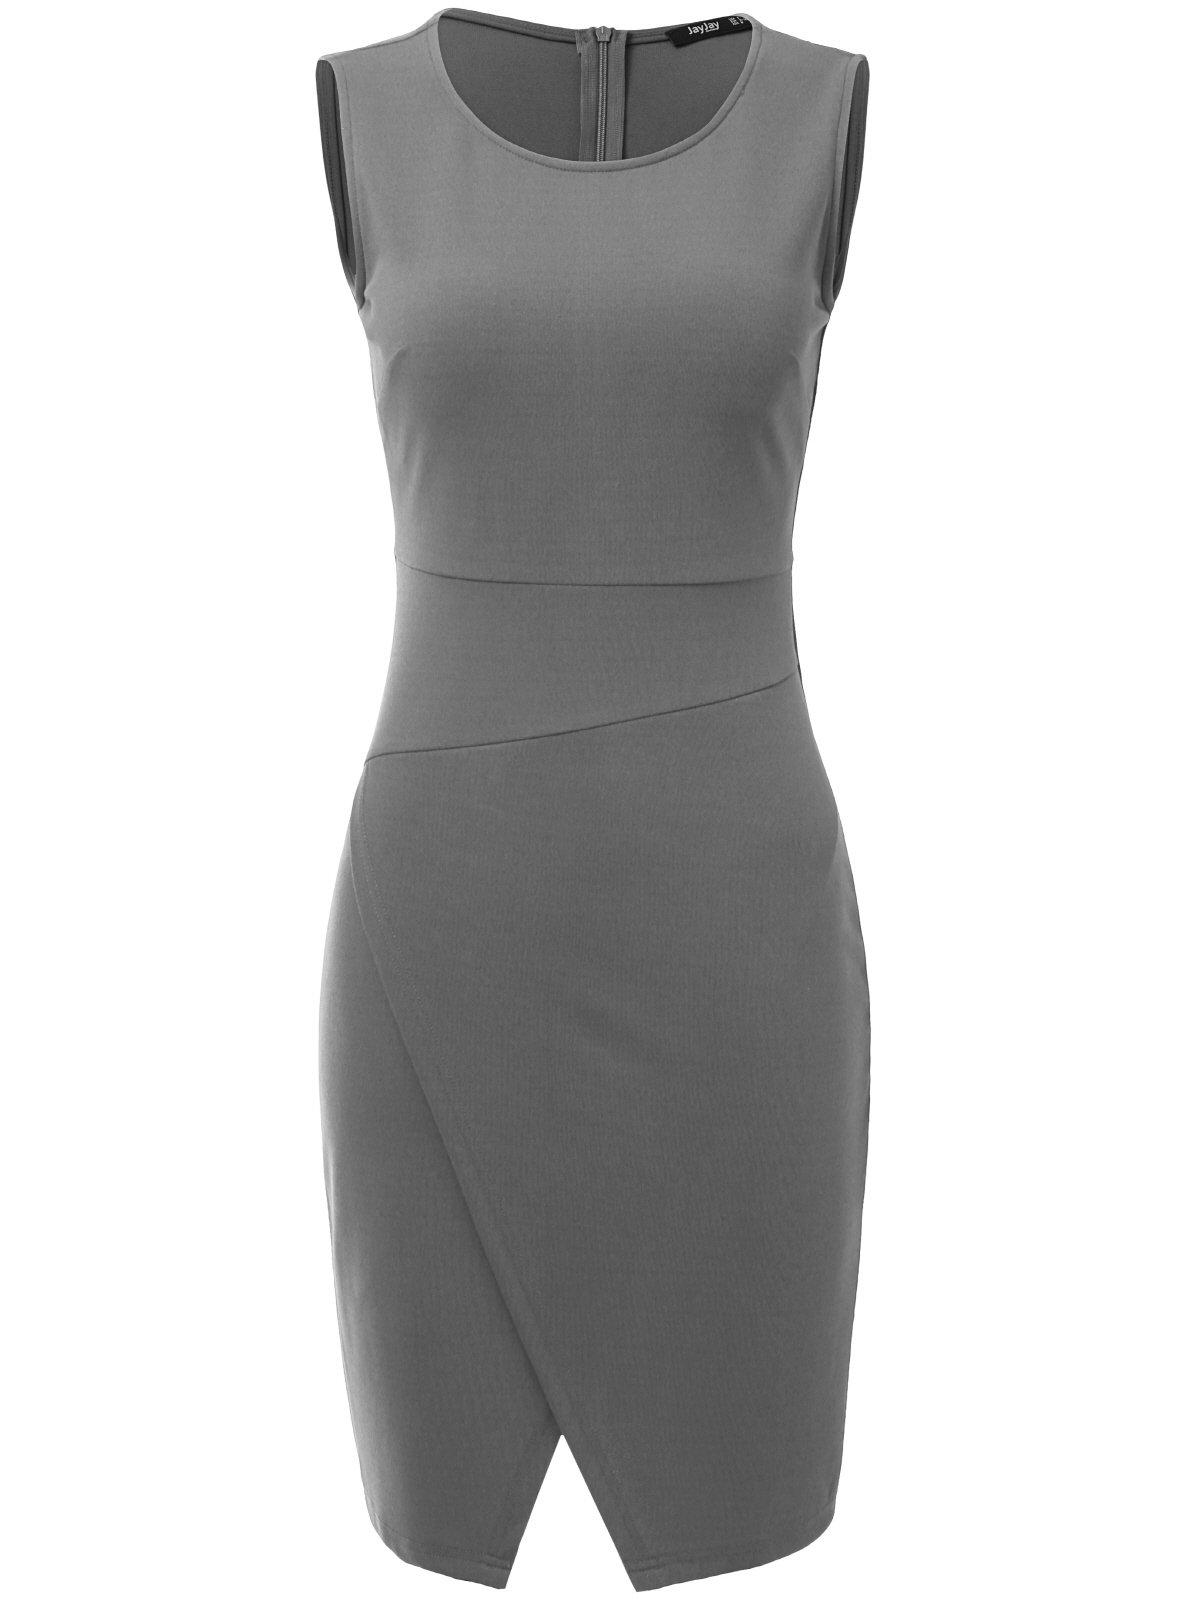 JayJay Women Wear to Work Business Sleeveless Slim Cocktail Pencil Wrap Skirt Dress,Gray,2XL by JayJay Company